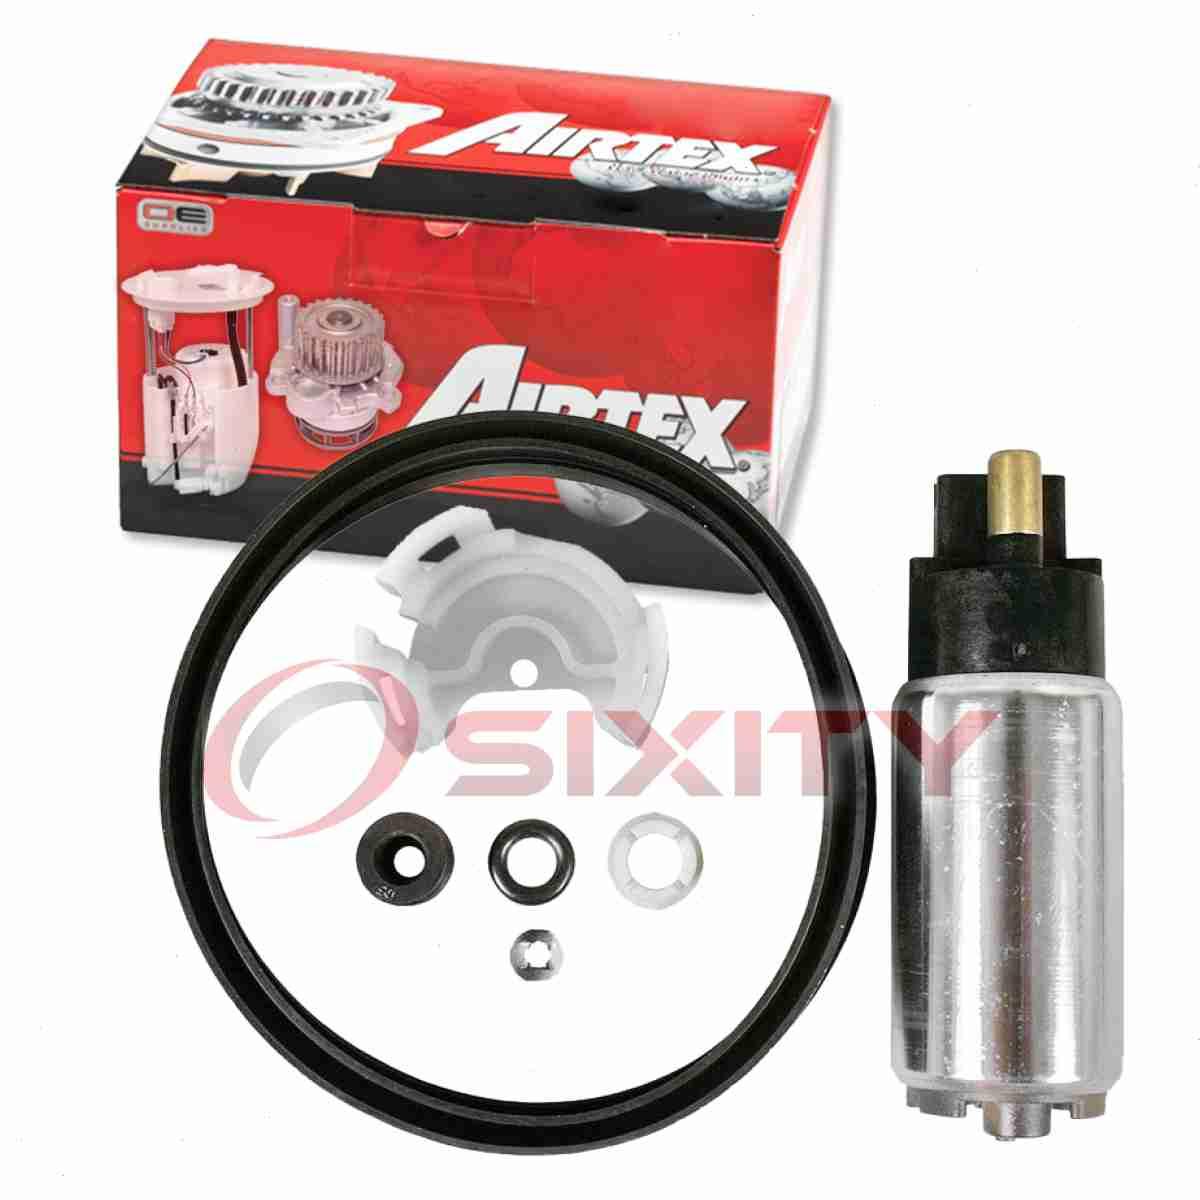 oy Carter Fuel Pump Strainer for 2001-2006 Kia Optima 2.4L L4 2.7L 2.5L V6